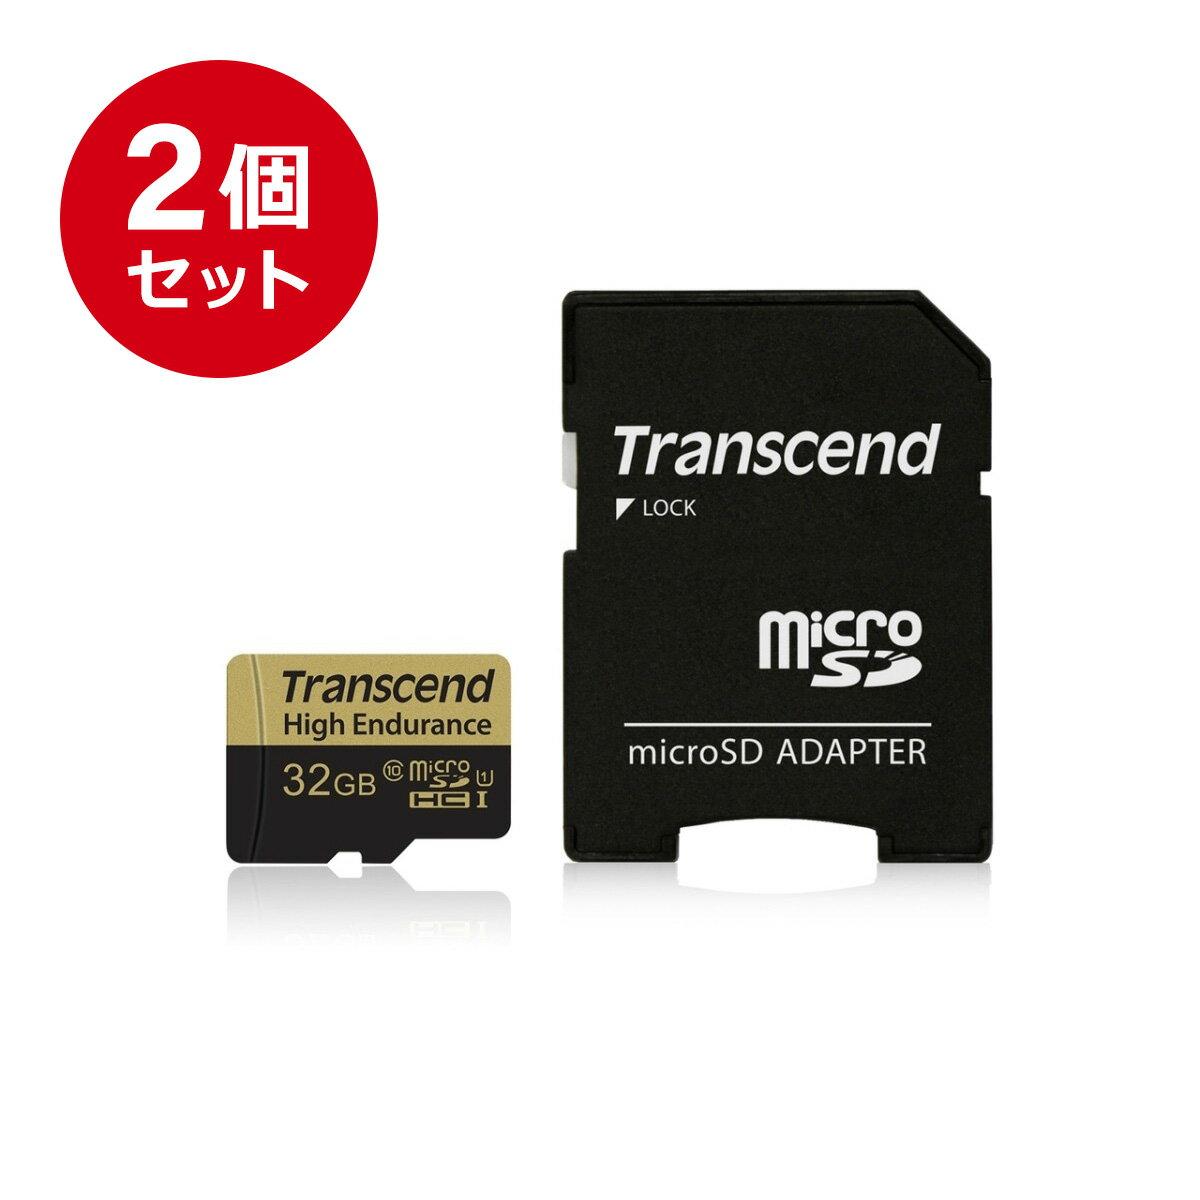 【まとめ割 2個セット】Transcend microSDカード 32GB 高耐久 ドライブレコーダー向け Class10 2年保証 マイクロSD microSDHC クラス10 SDカード変換アダプタ付 入学 卒業[TS32GUSDHC10V]【ネコポス専用】【送料無料】